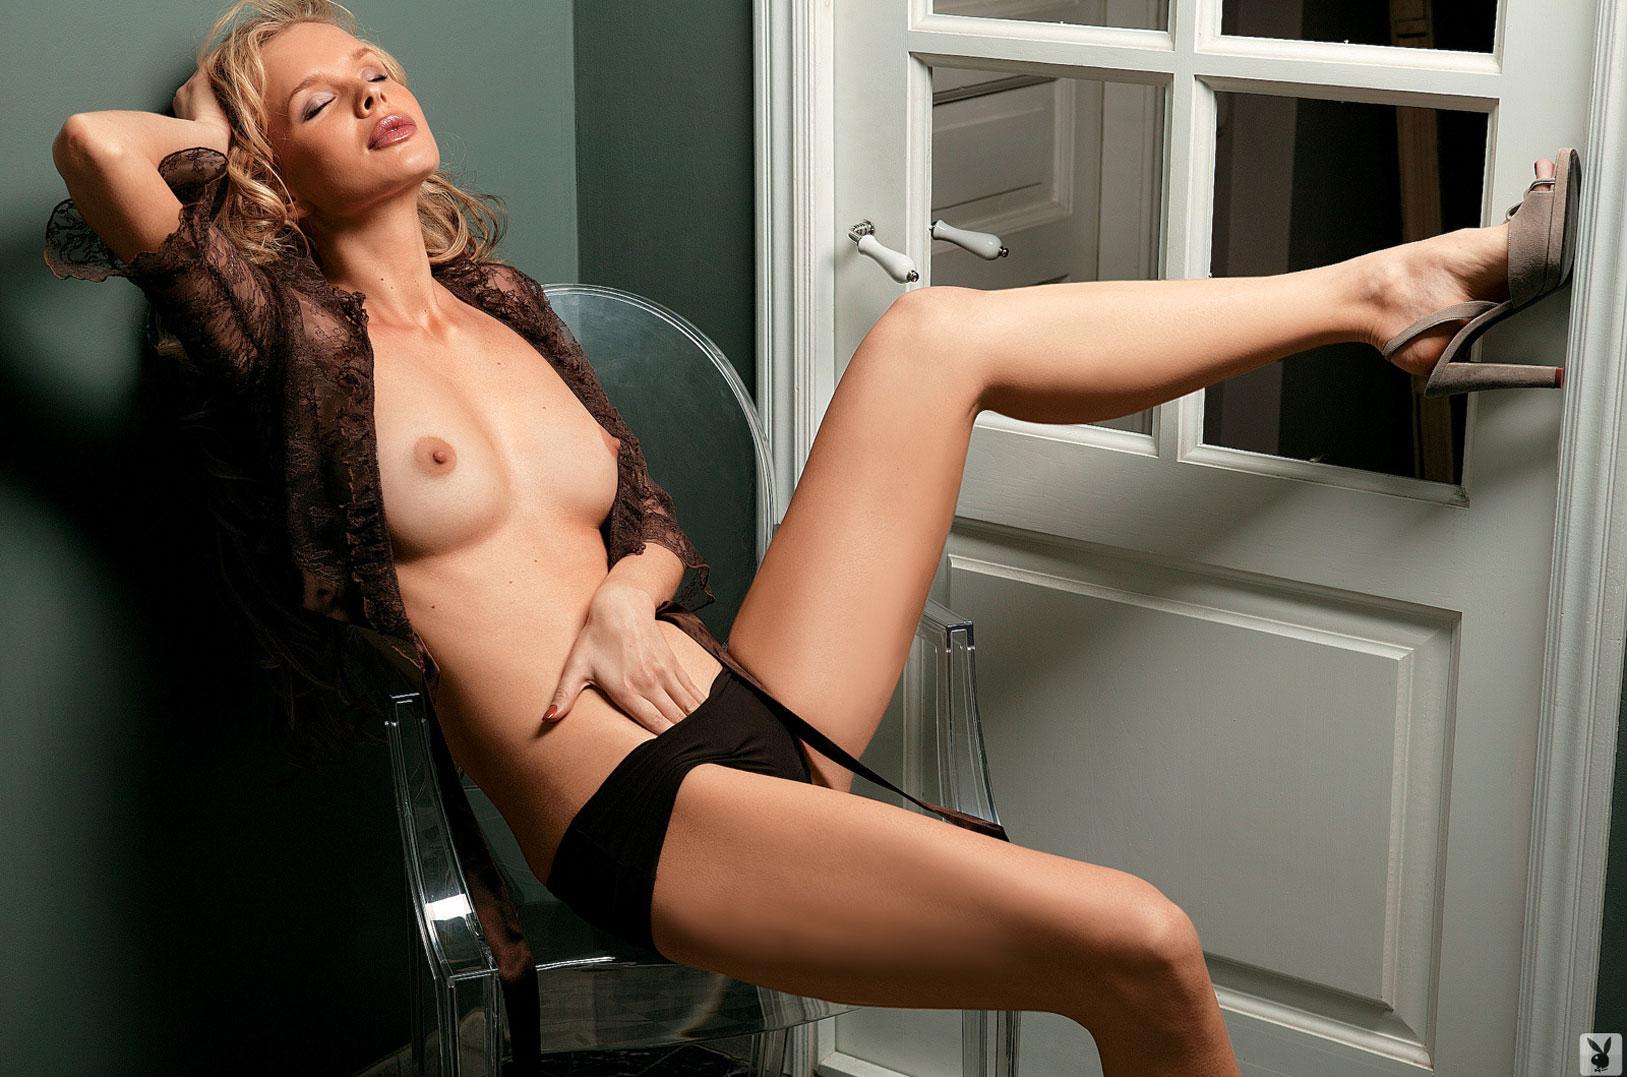 Девушка месяца Ольга Курбатова, Playboy Россия март 2005 / фото 04